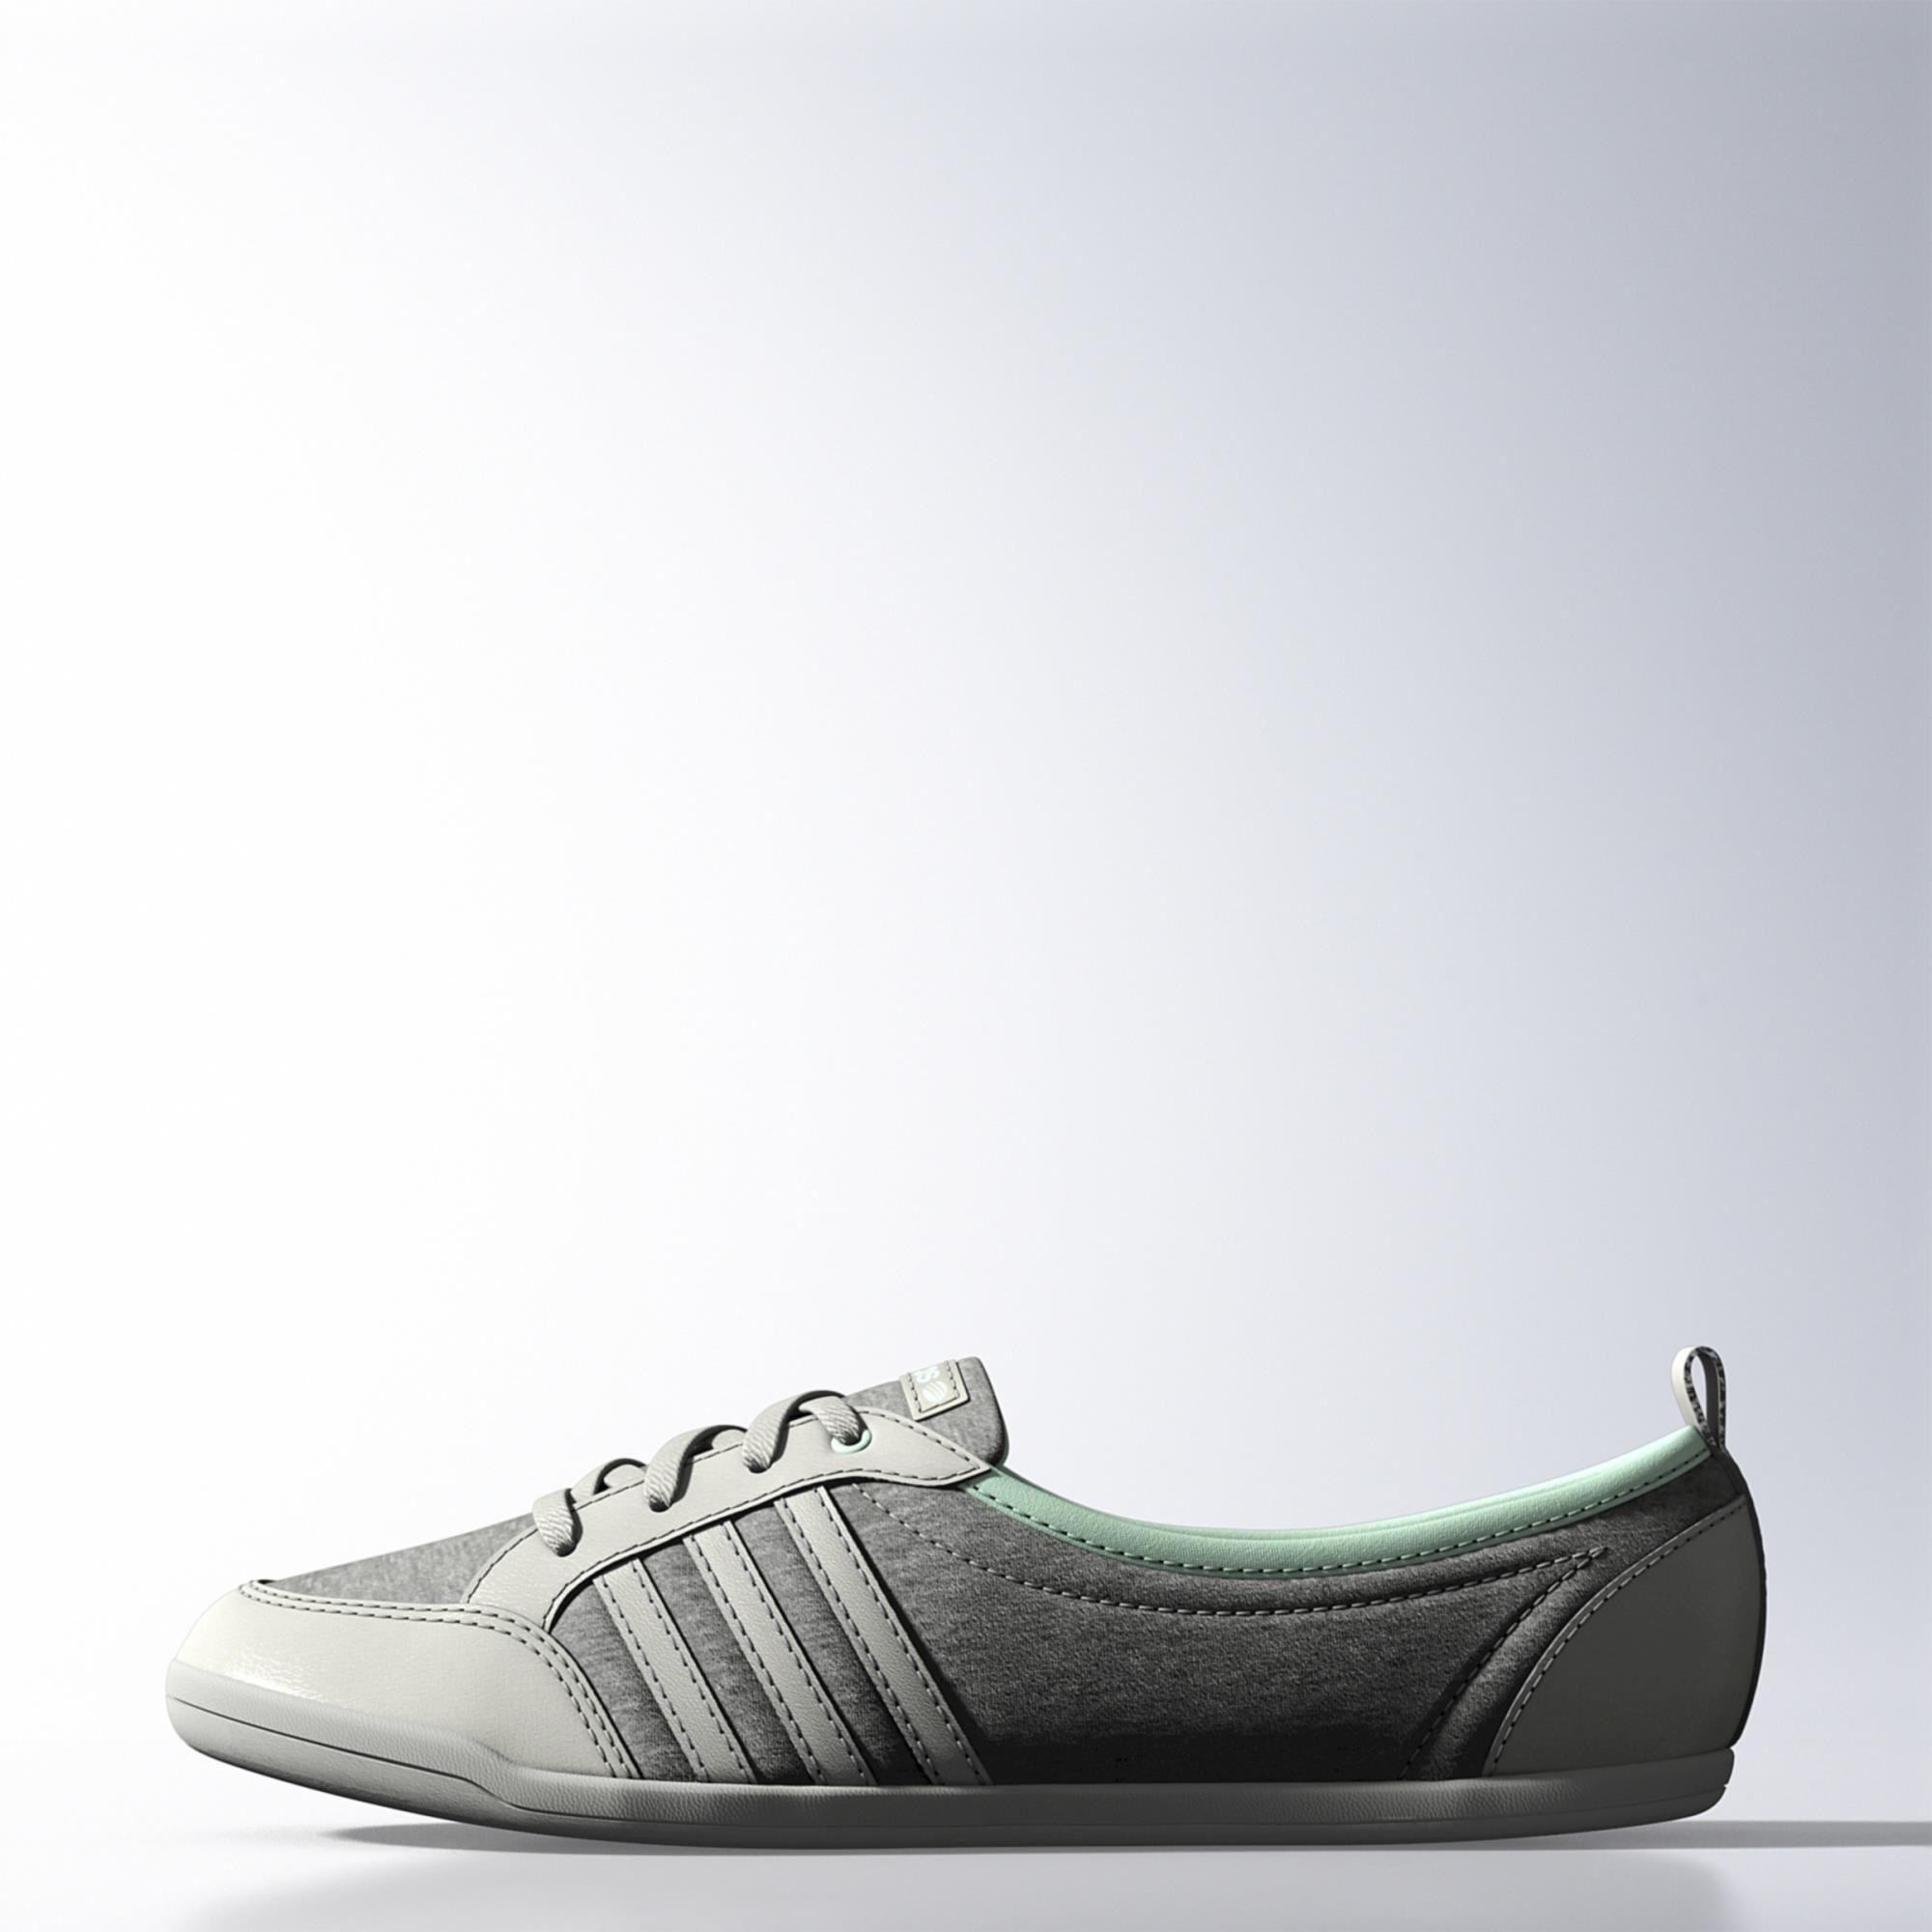 adidas mujer gris zapatillas